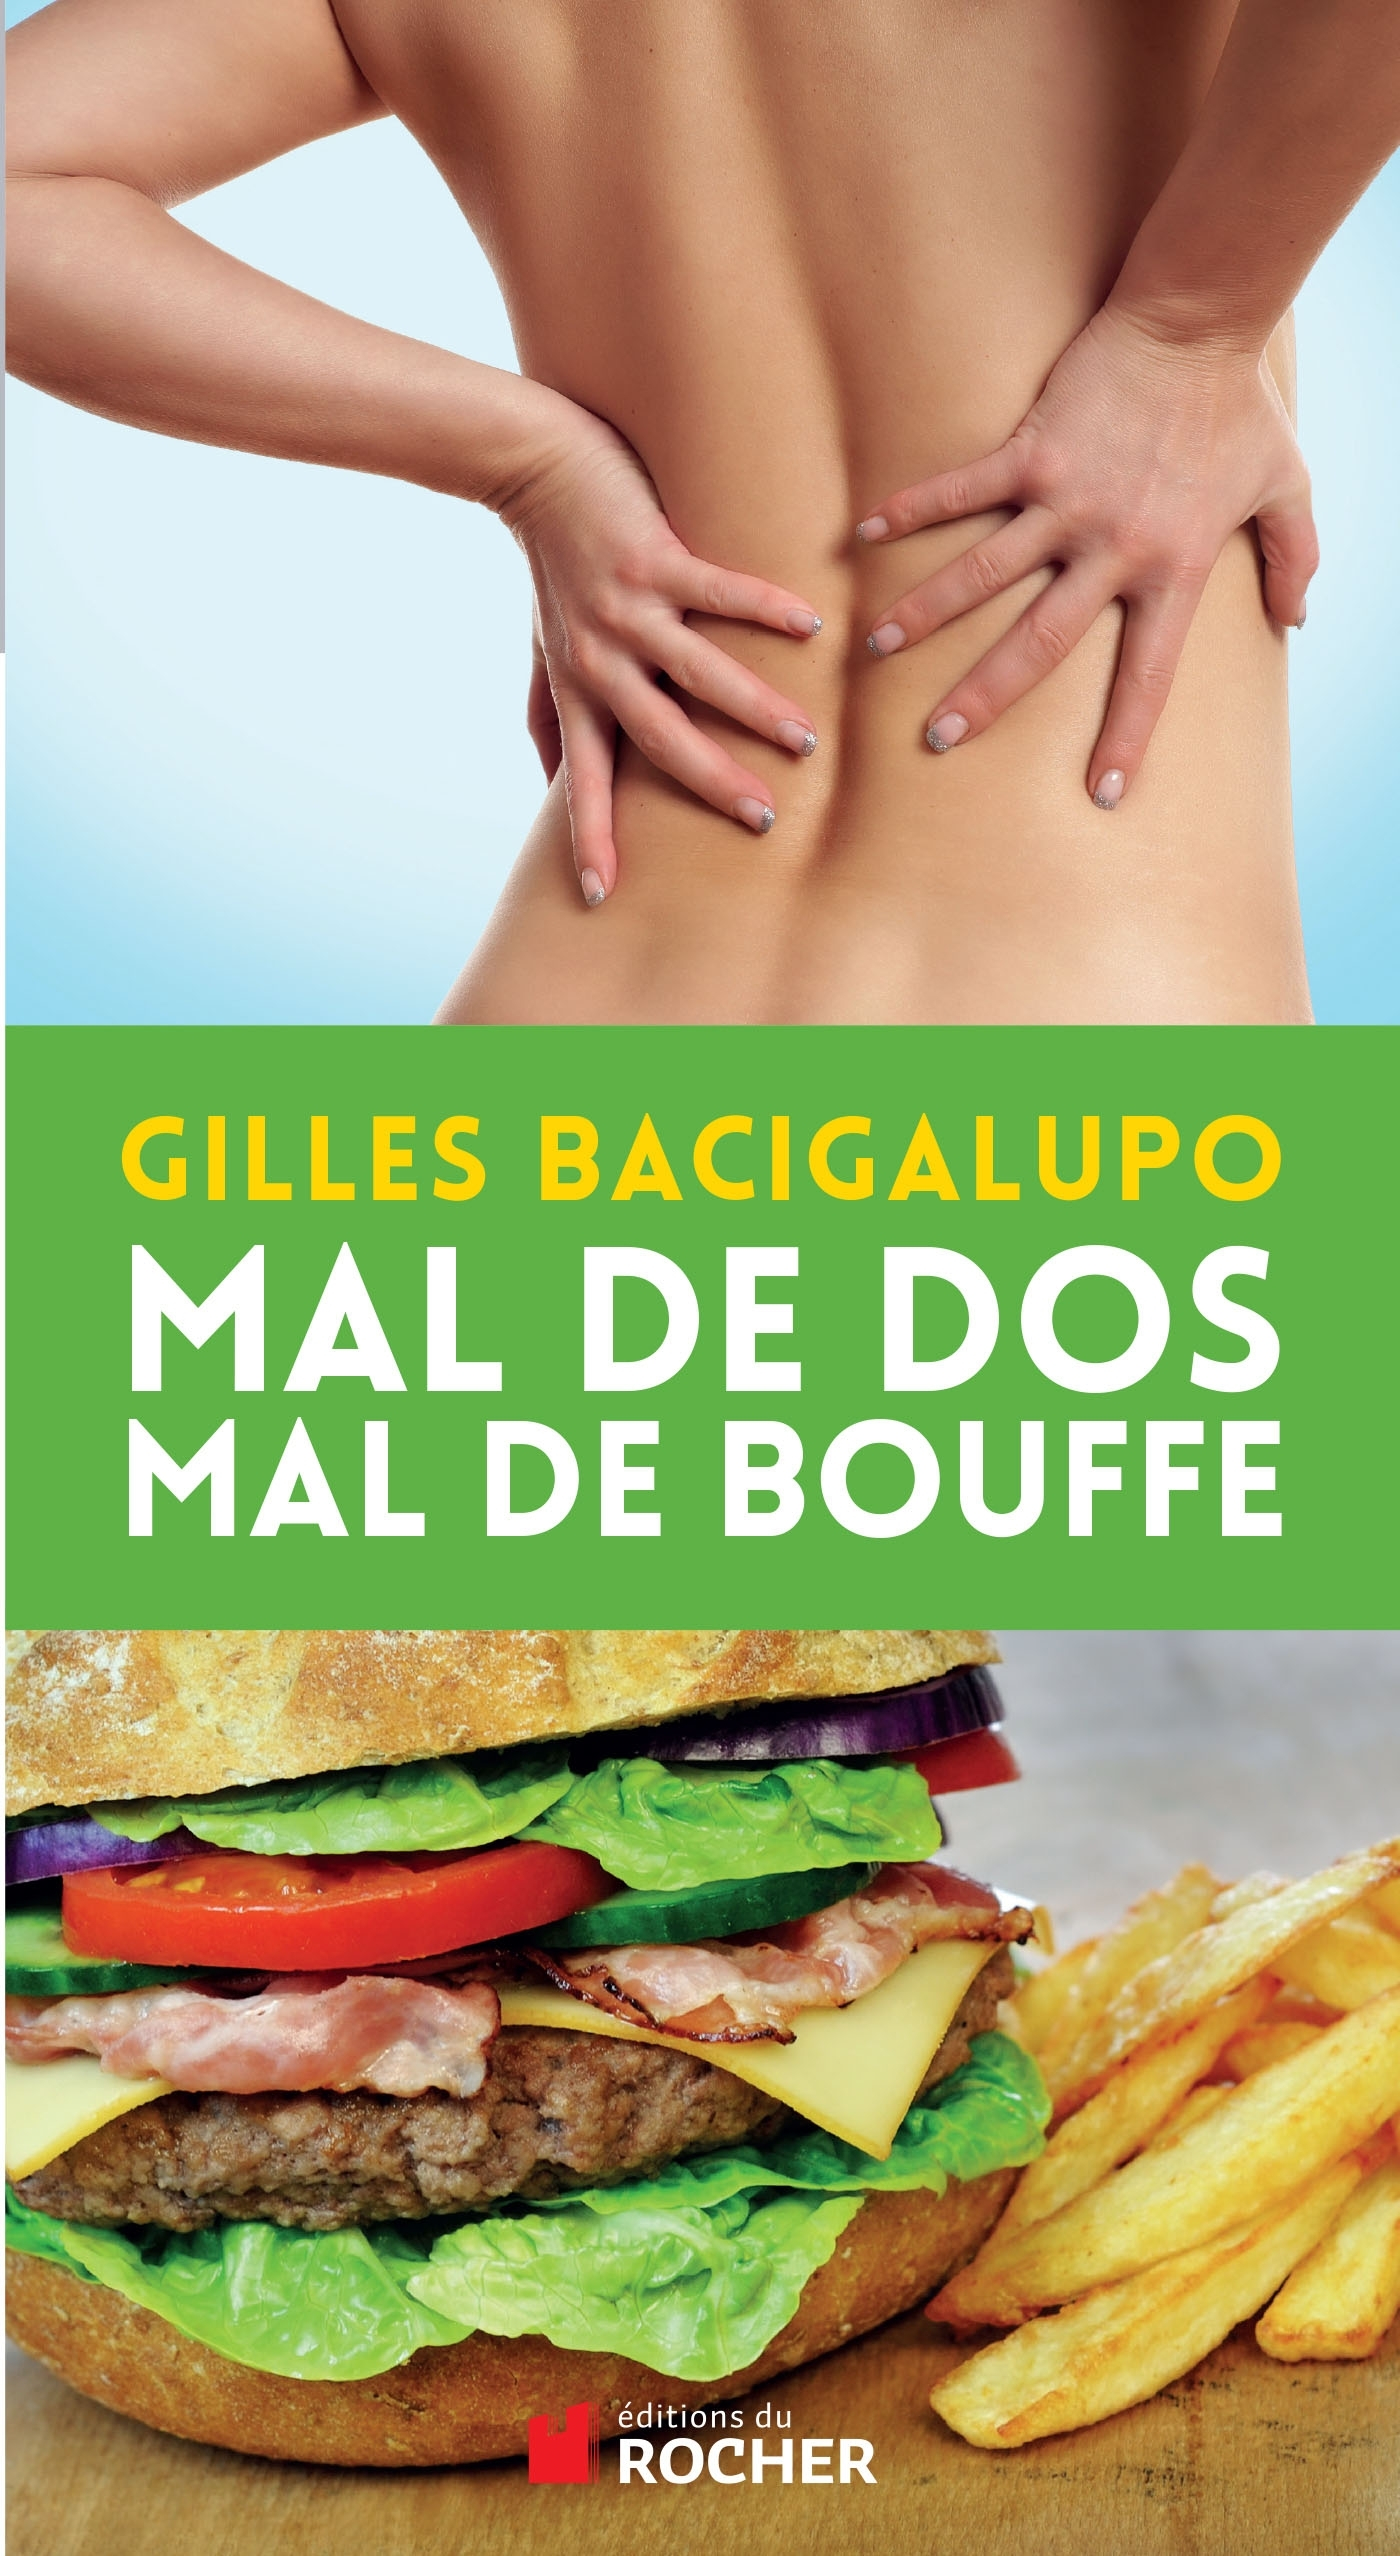 MAL DE DOS, MAL DE BOUFFE